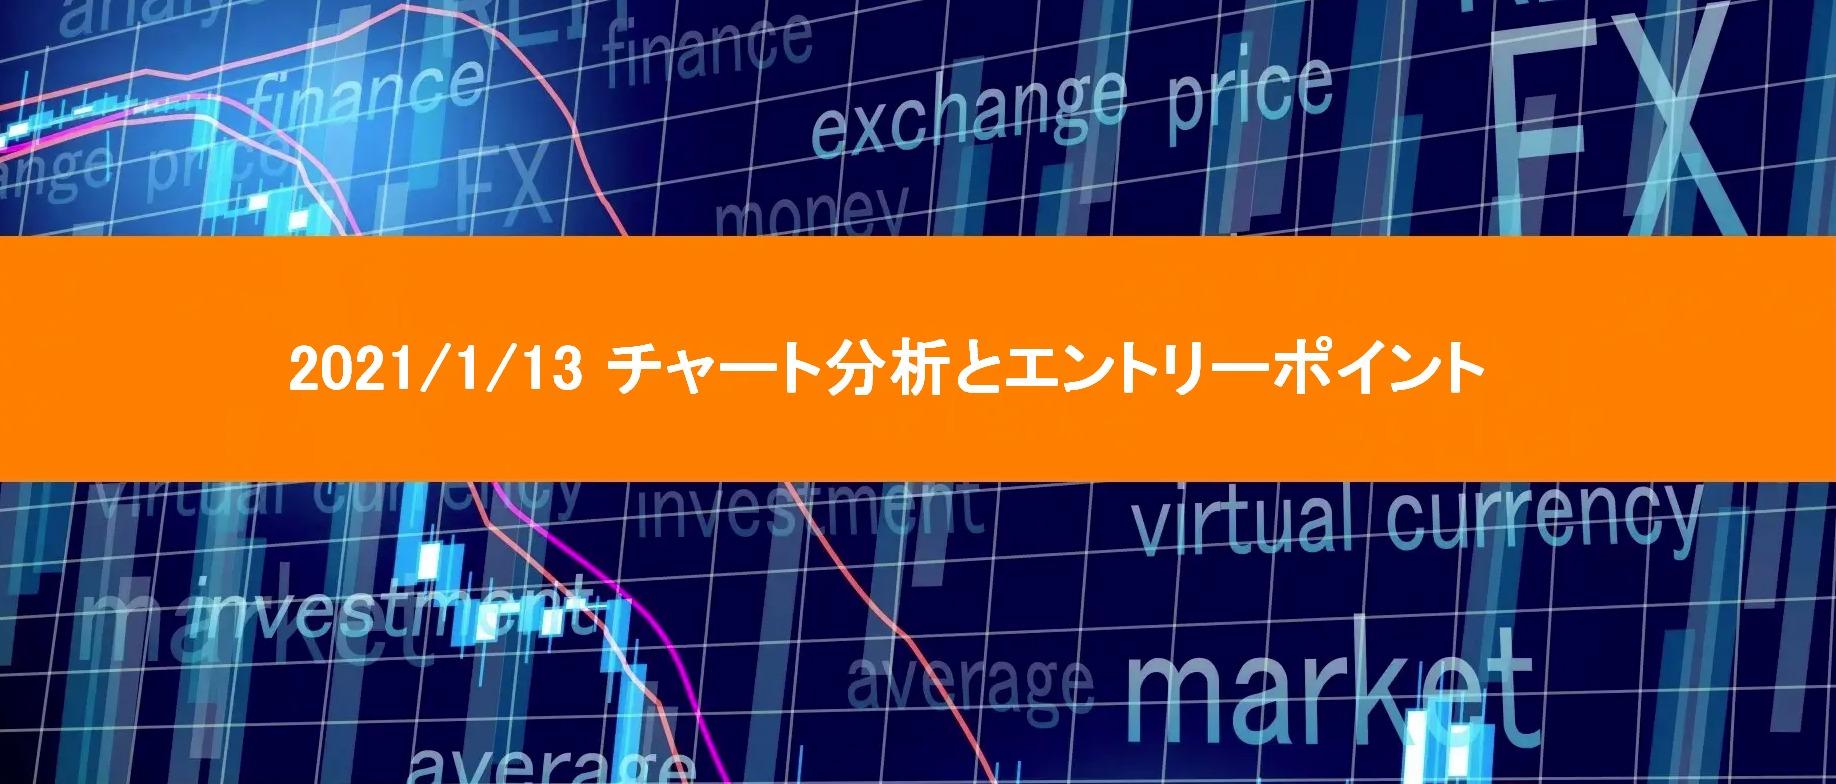 2021/1/13チャート分析とエントリーポイント